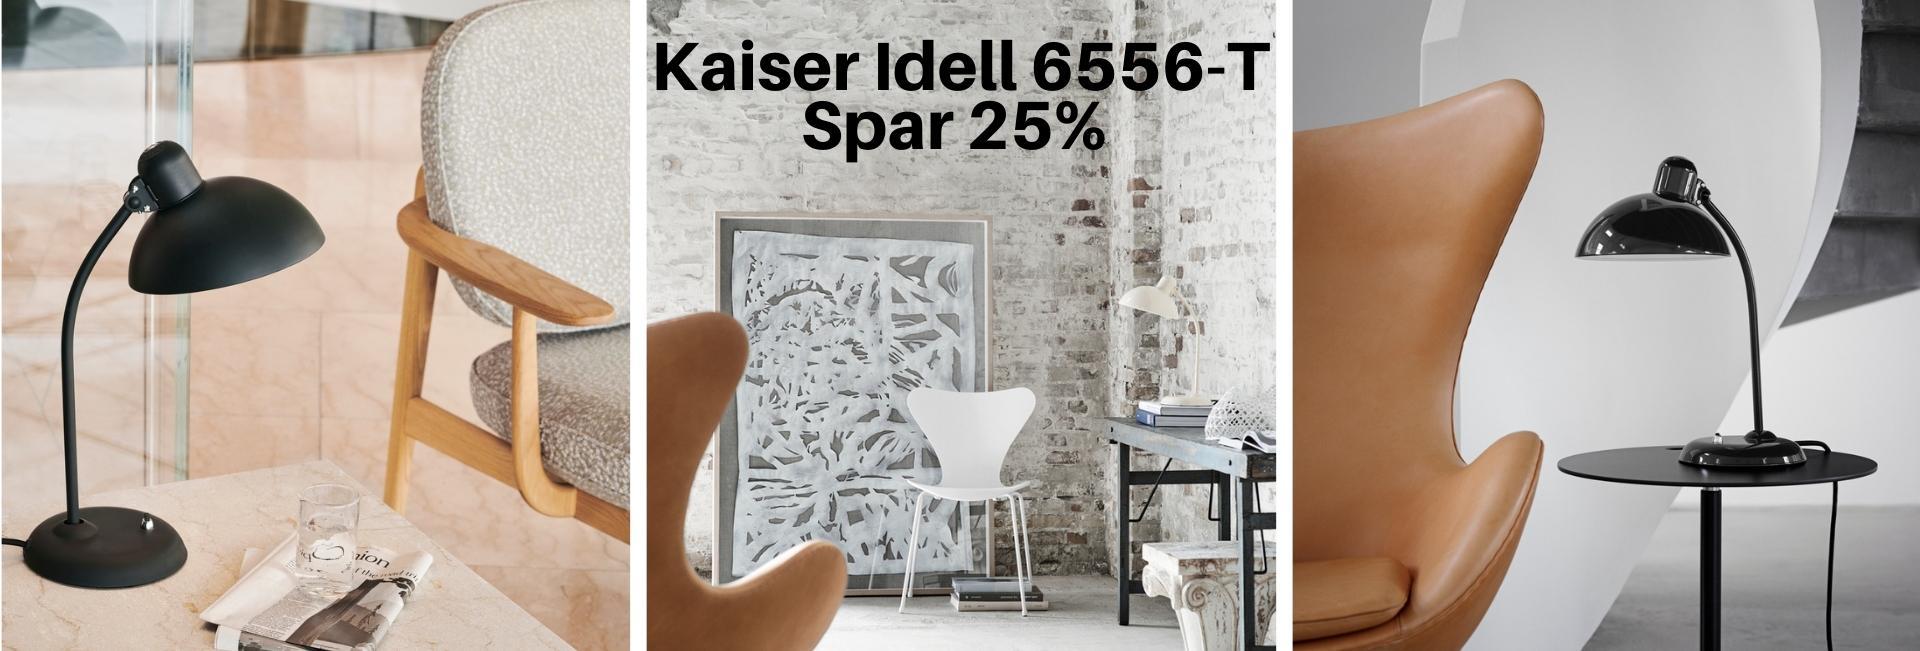 Kaiser Idell 6556-T kampange